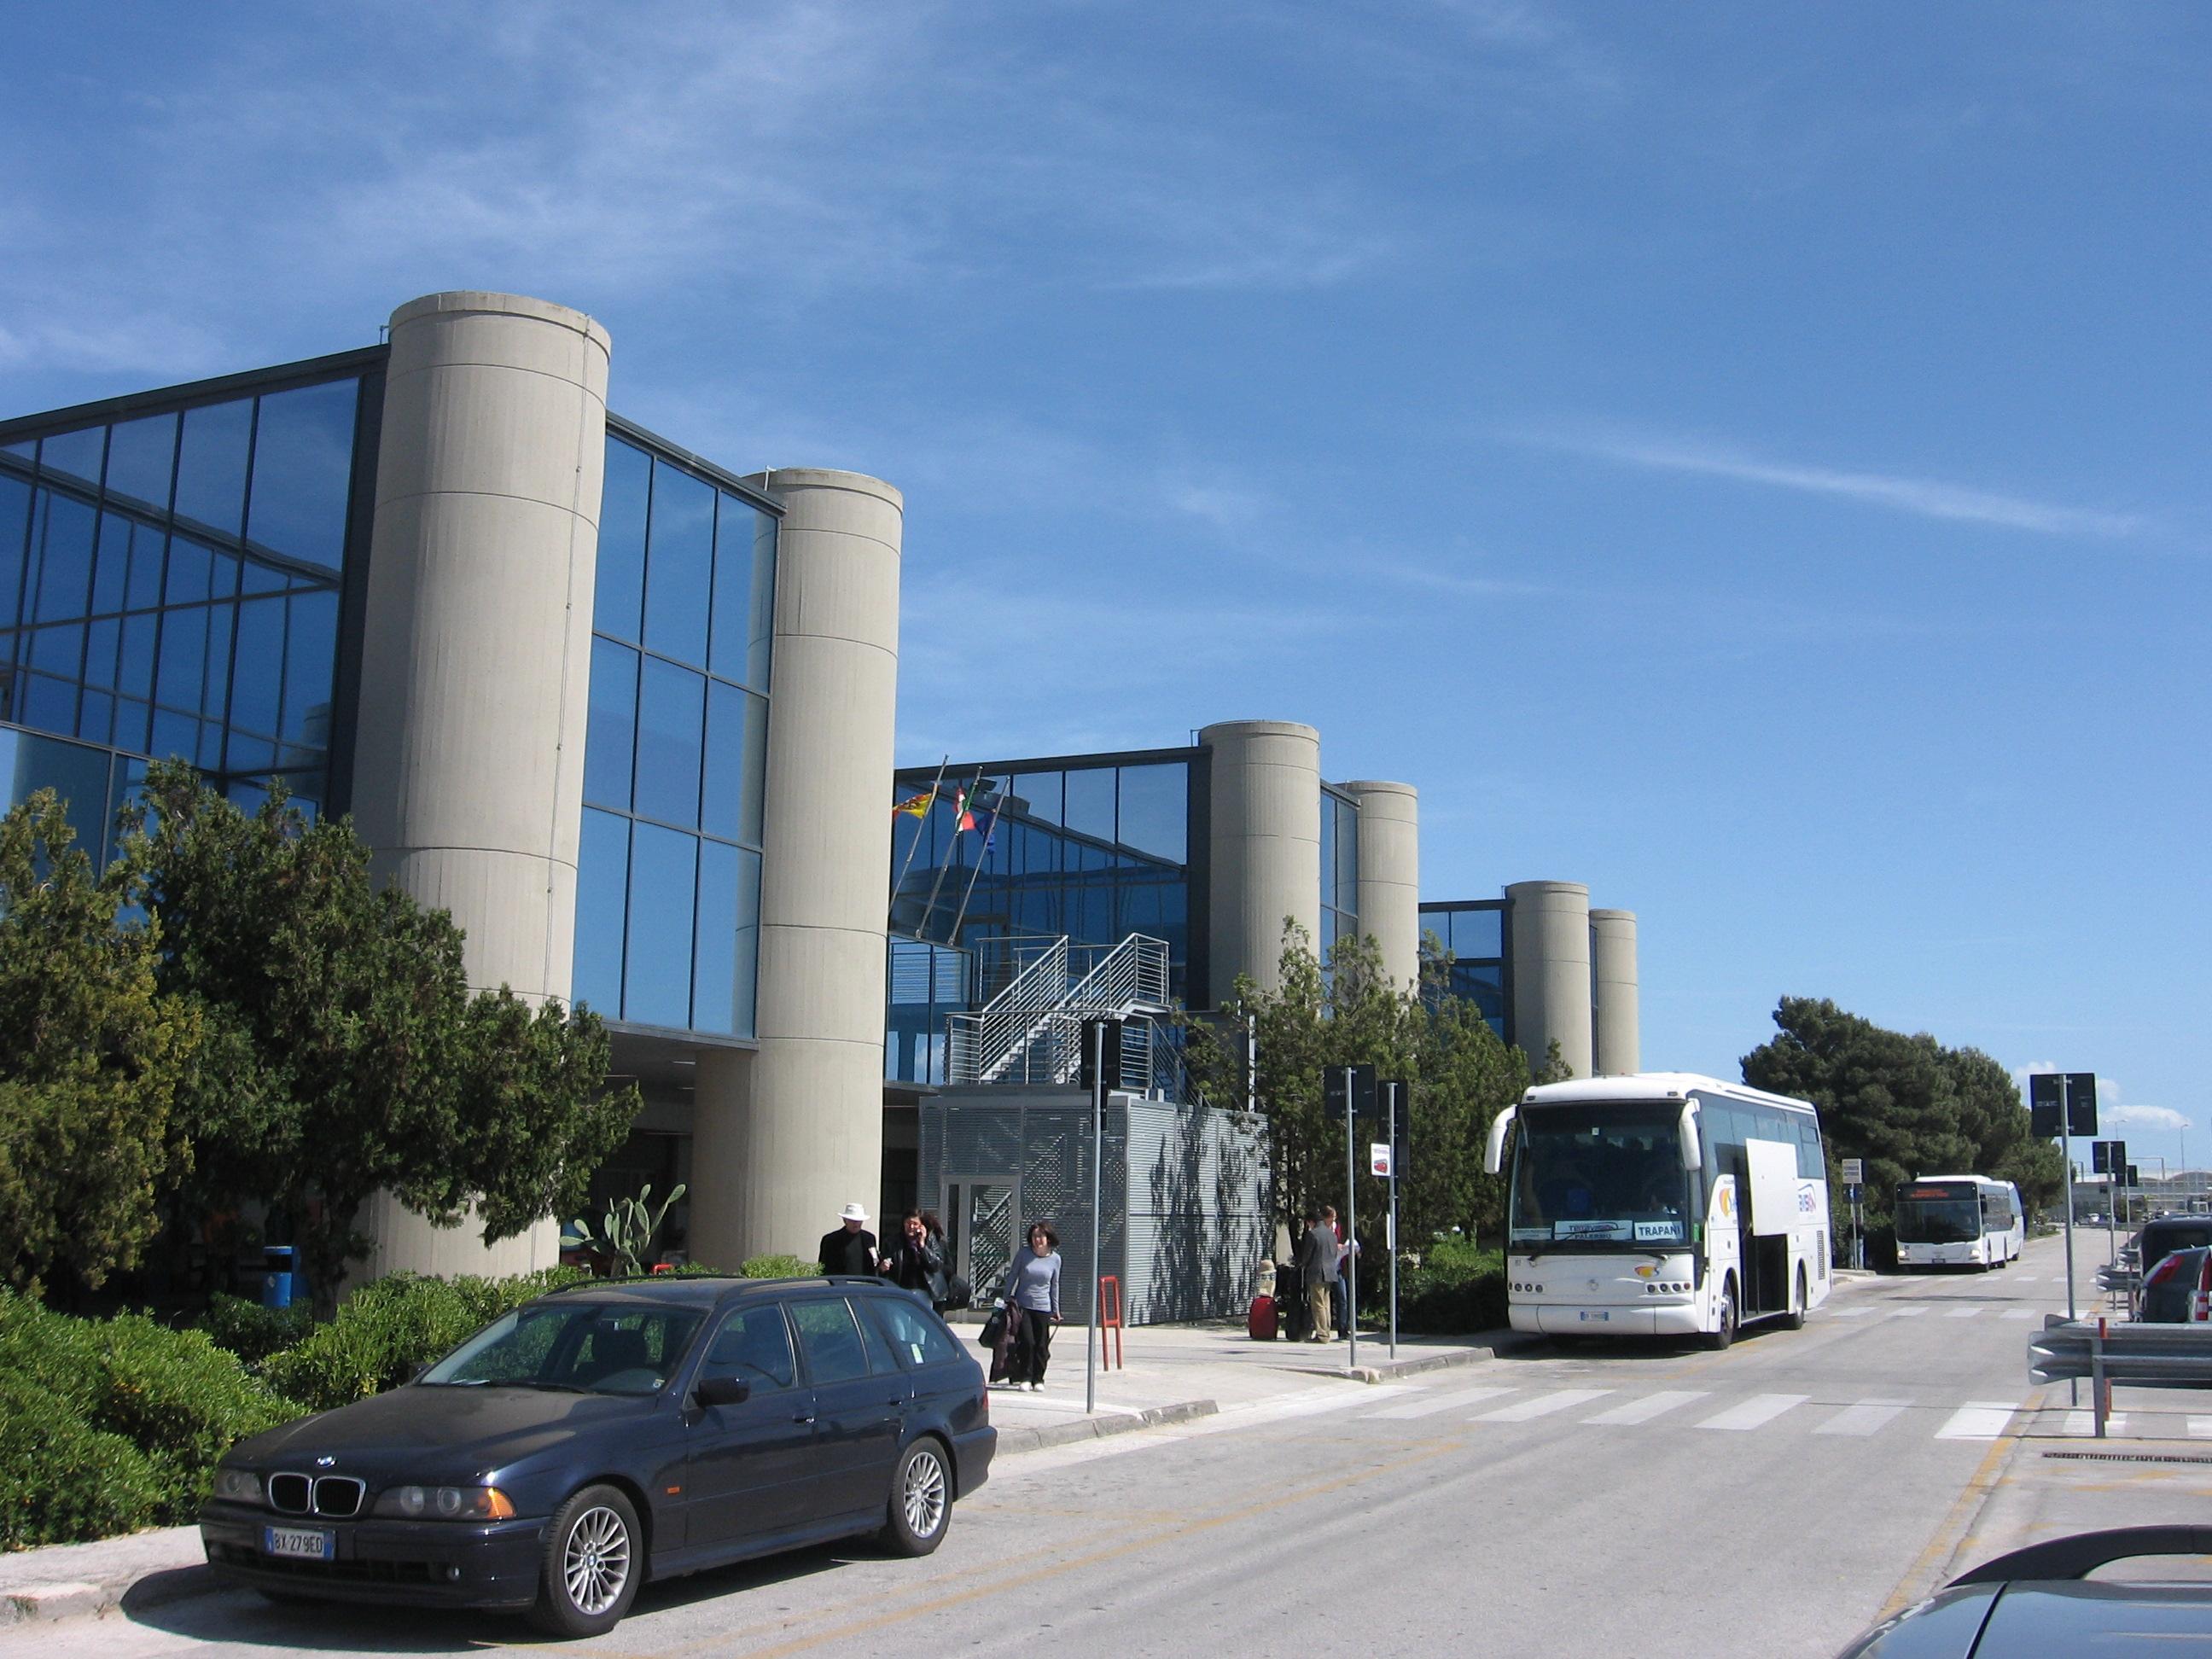 EuroWings vuole investire su Birgi: 'maratona social' per salvare l'aeroporto di Trapani